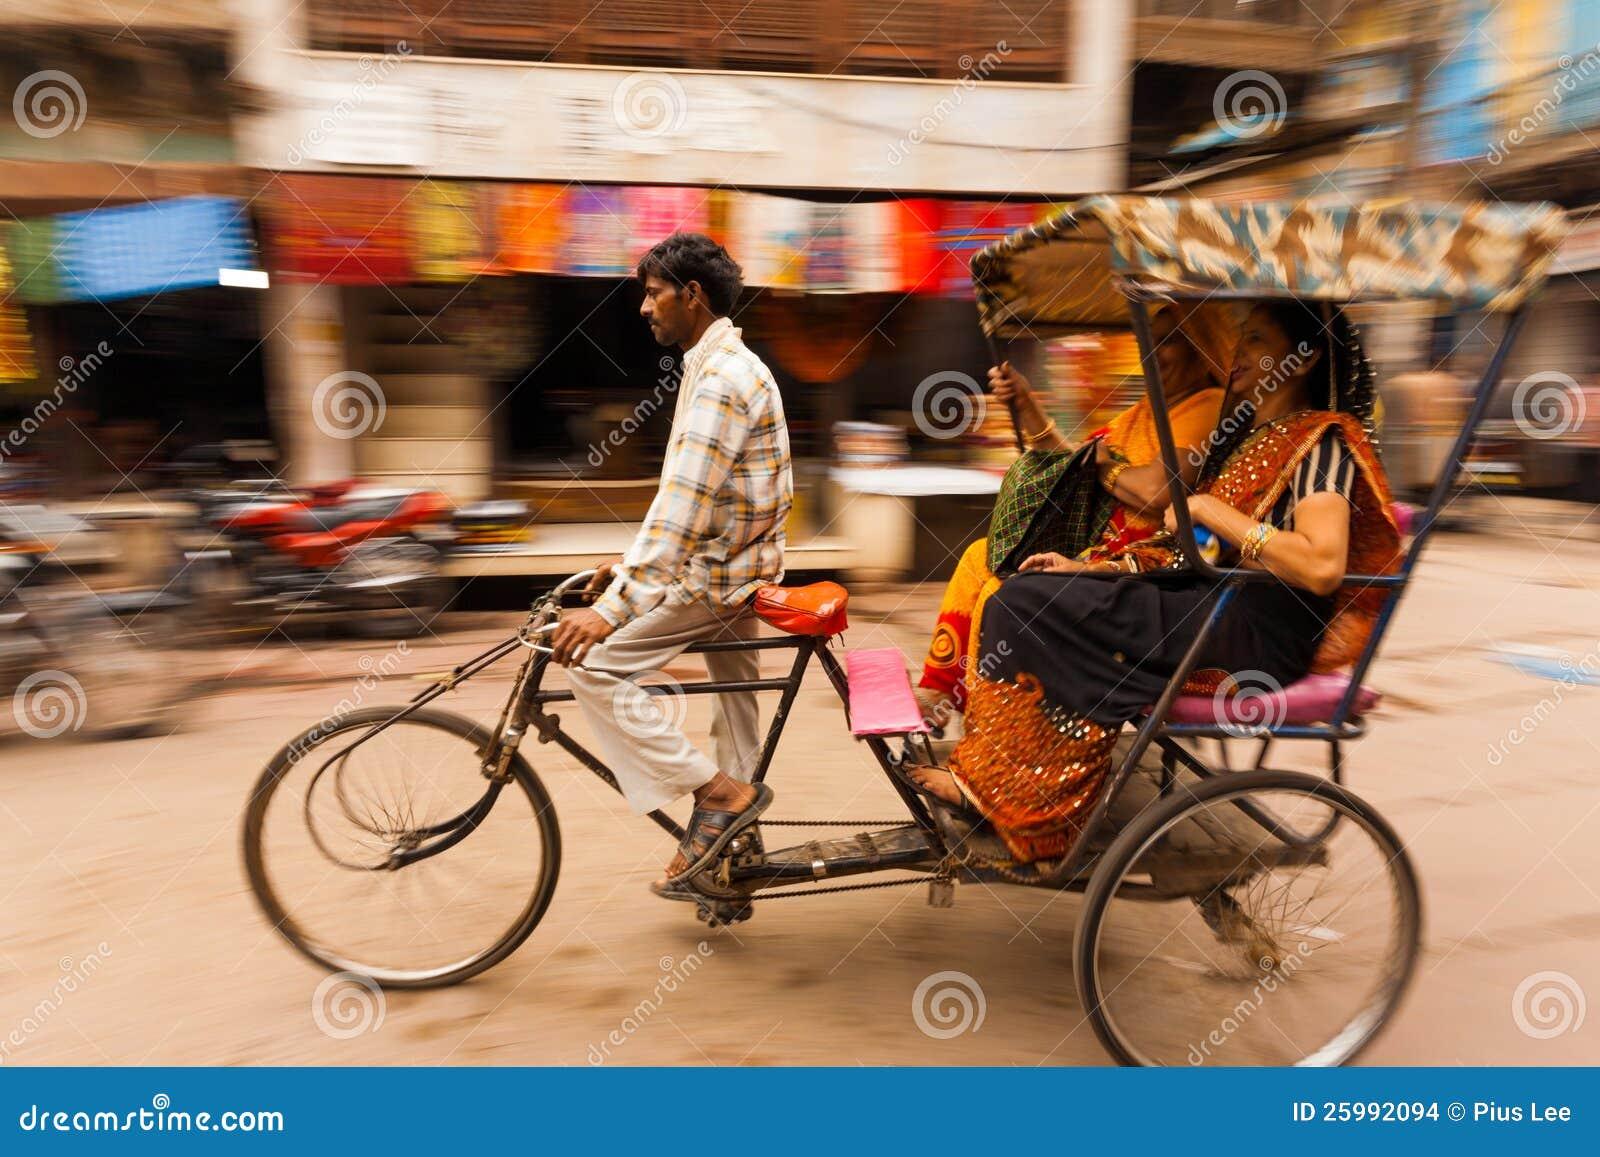 Pasajeros la India del carrito de ciclo de la cacerola de la falta de definición de movimiento